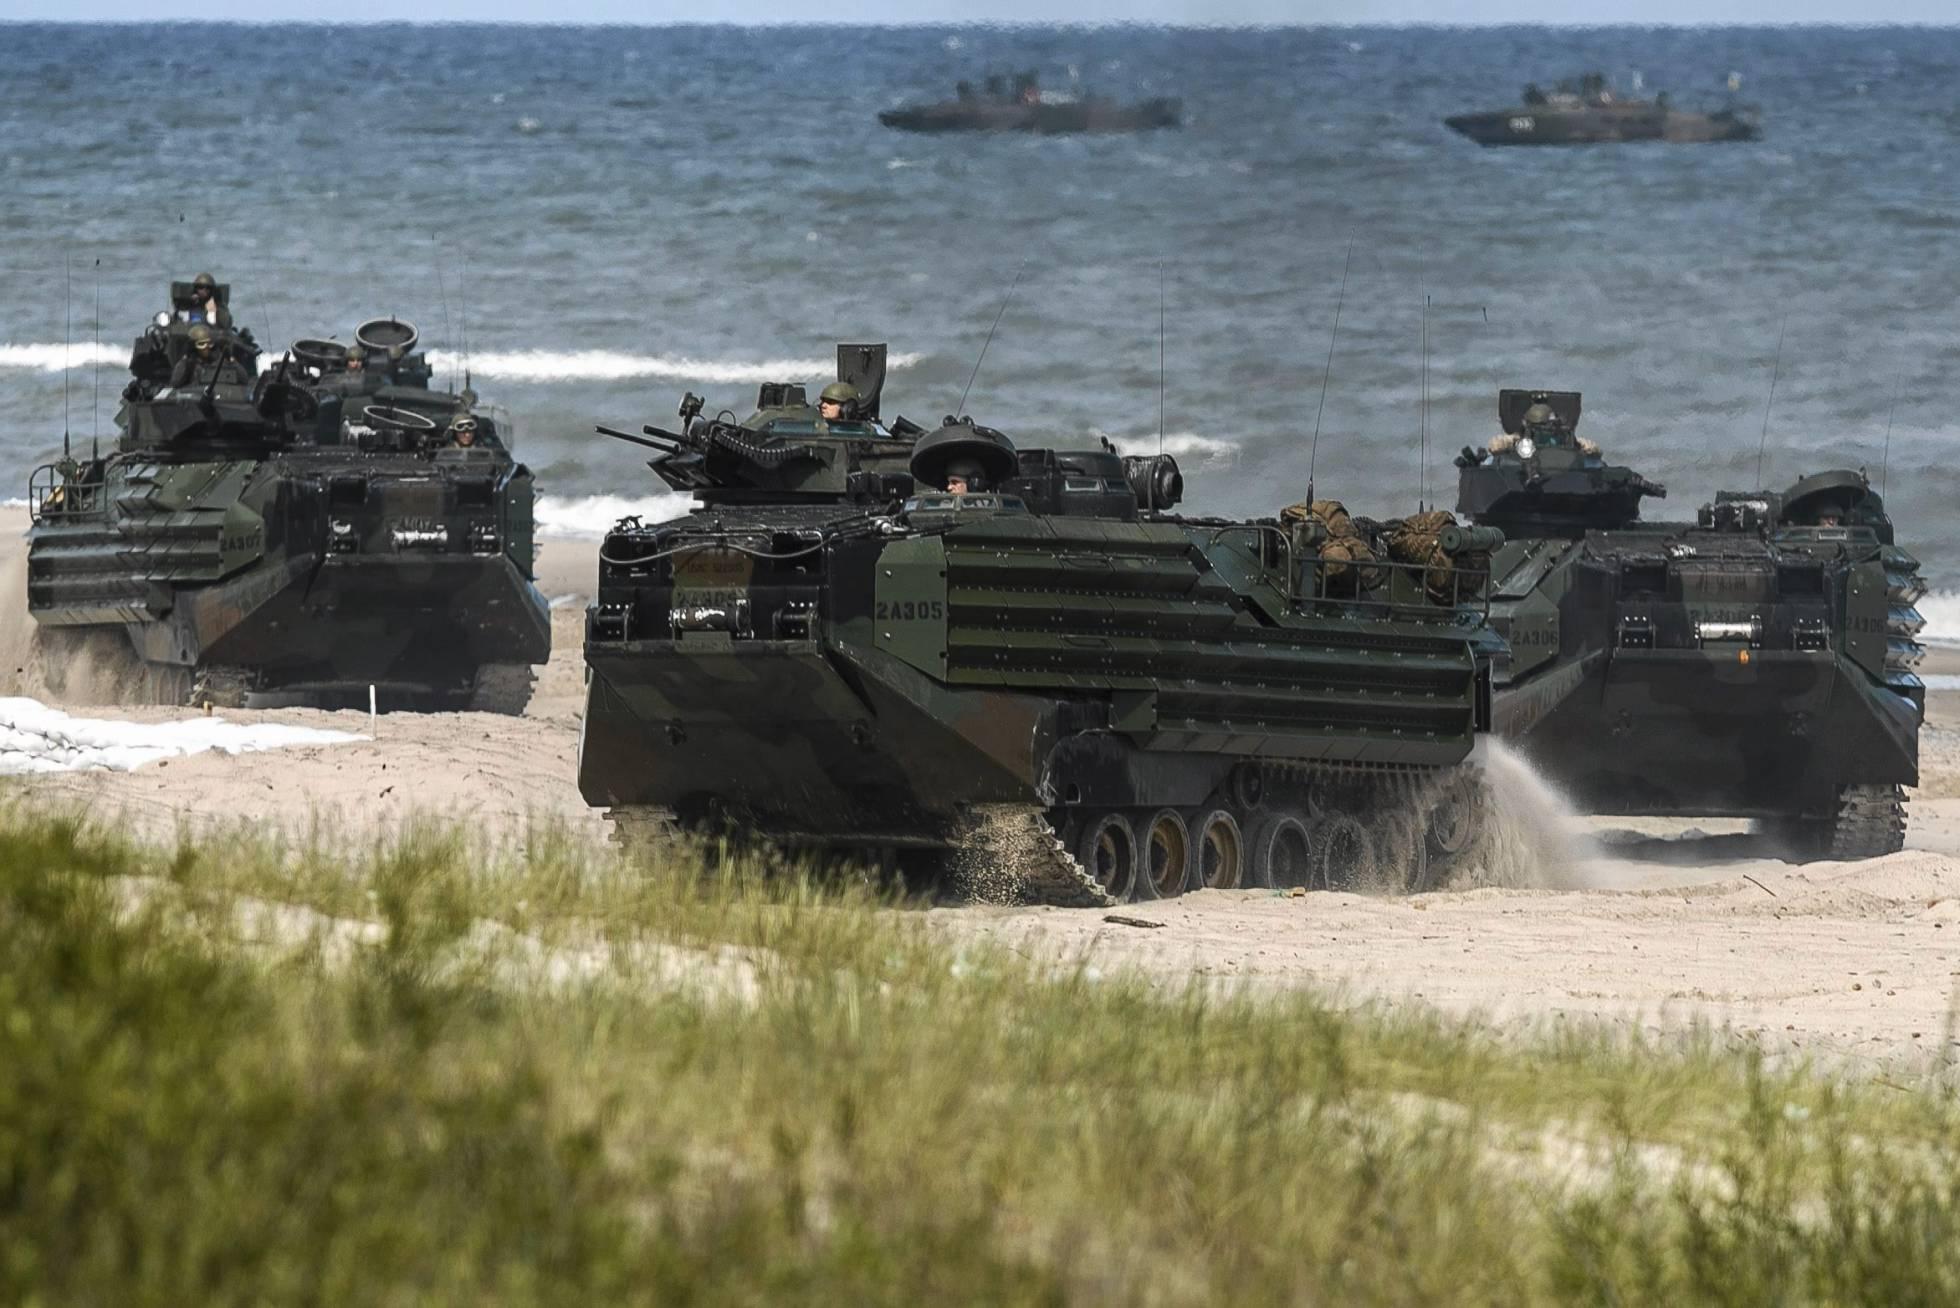 militar - Los países nórdicos estrechan su cooperación militar frente a Rusia - Página 2 1505121290_003823_1505134853_noticia_normal_recorte1